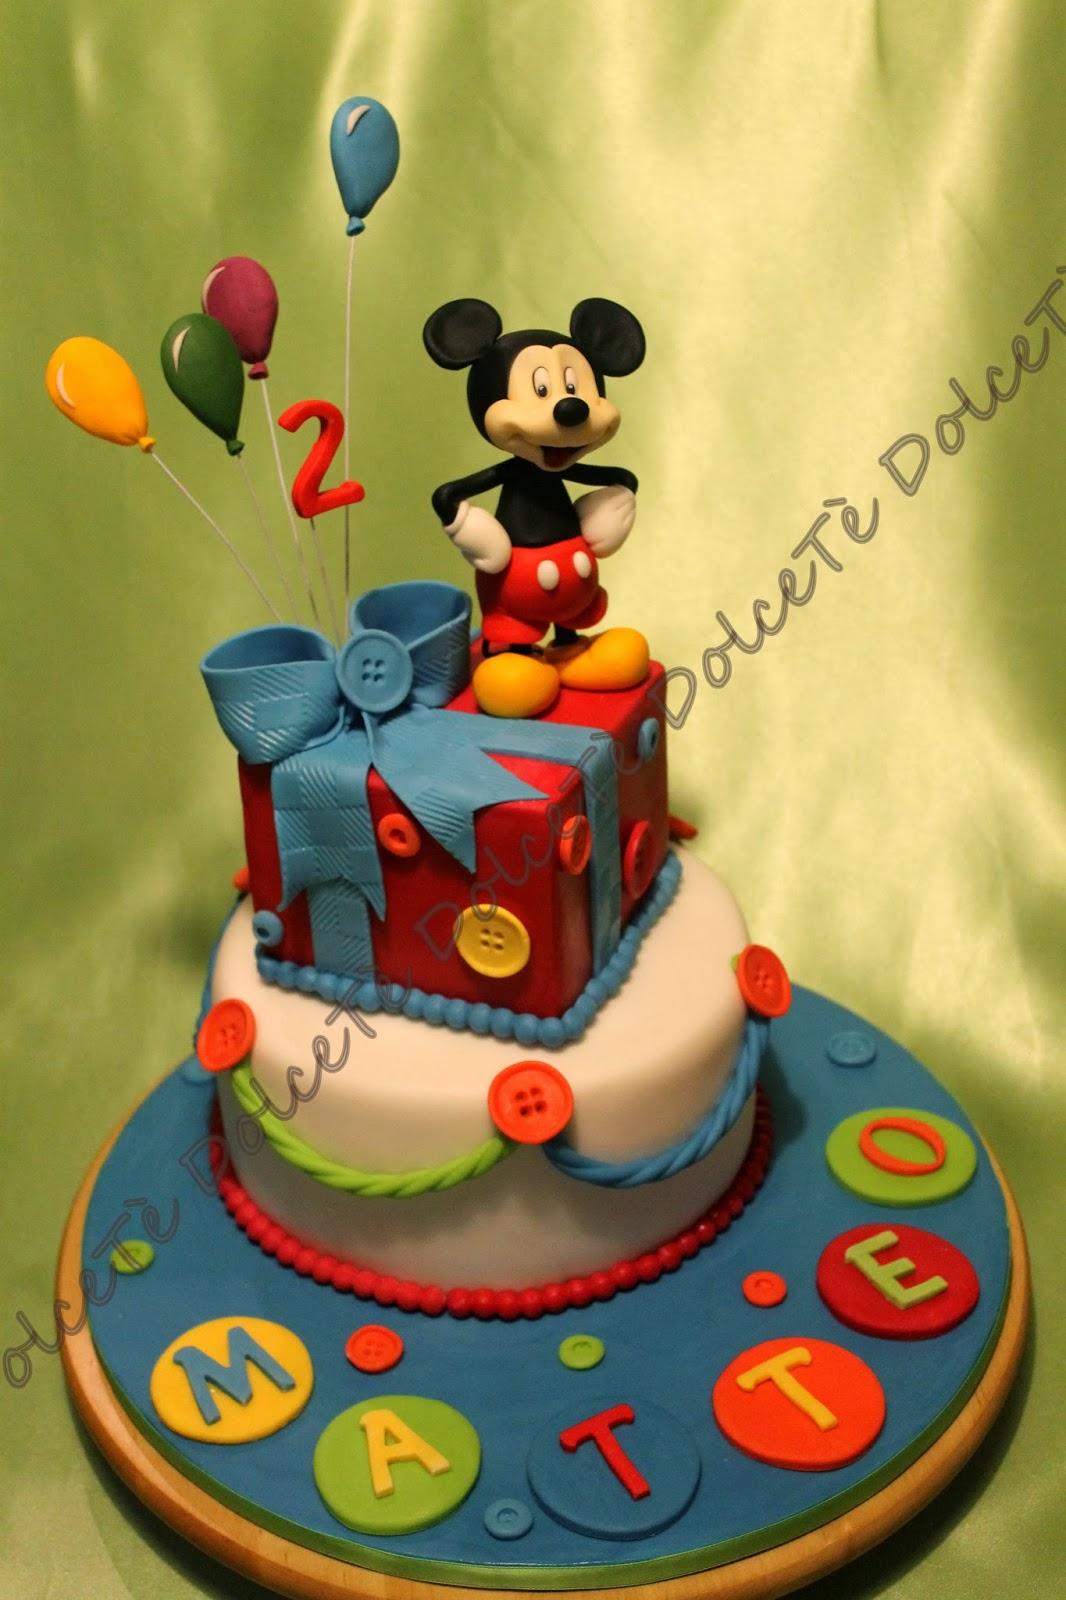 Dolcet e la dolce arte del cake design torta topolino for Arte delle torte clementoni